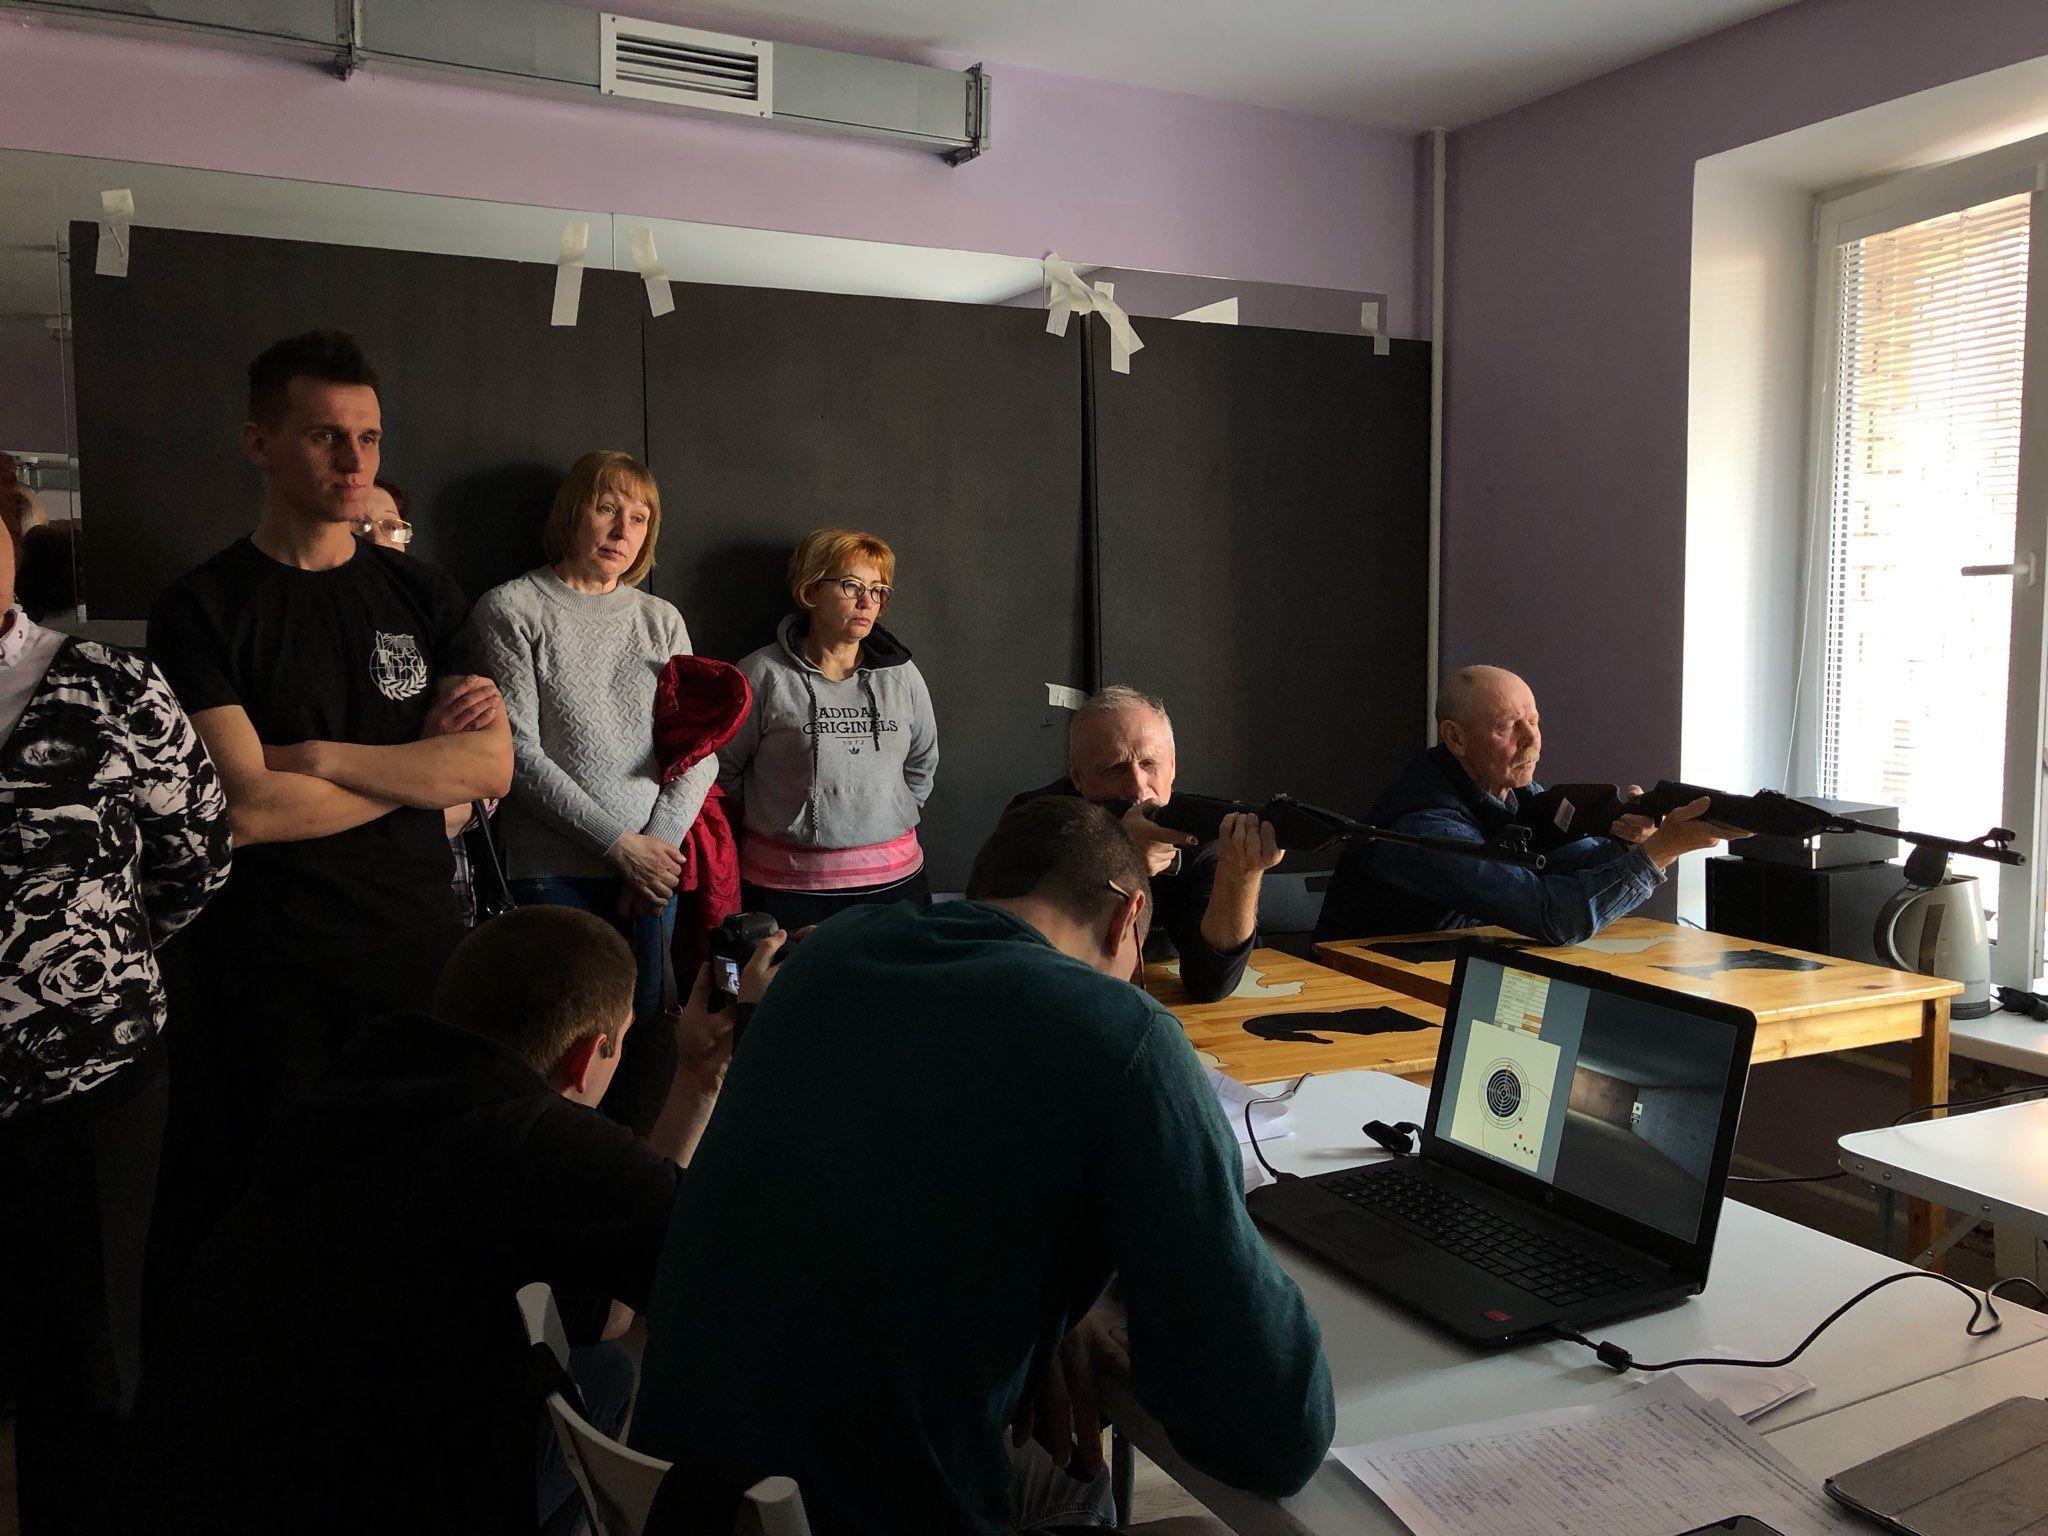 Победительницей в соревнованиях «Электронный тир» стала жительница Вороновского